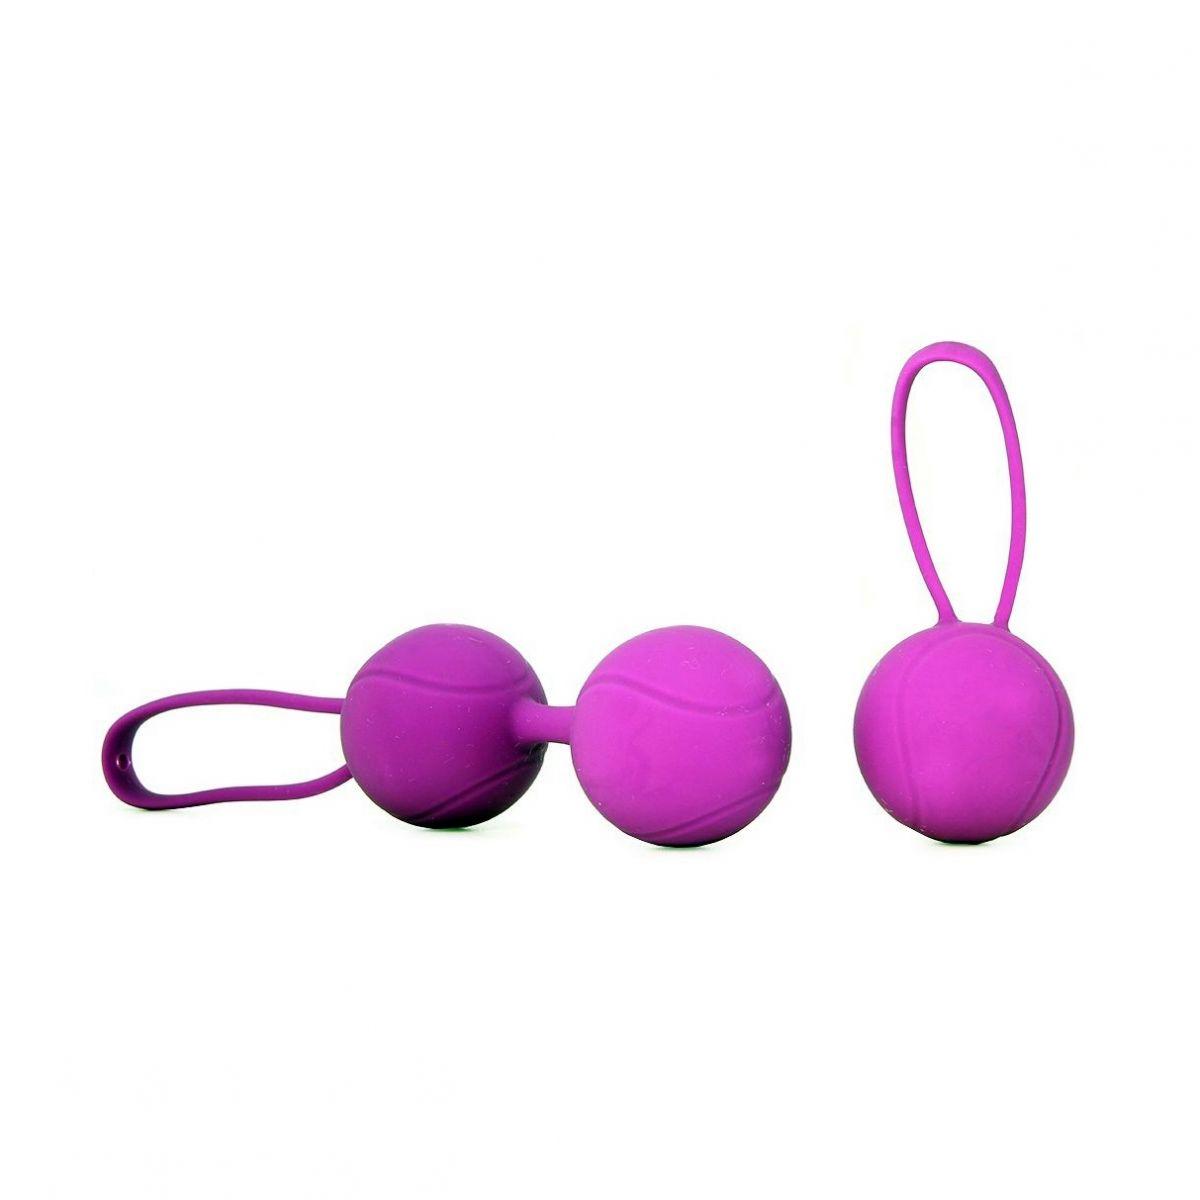 Вагинальные шарики Shibari Pleasure Kegel Balls